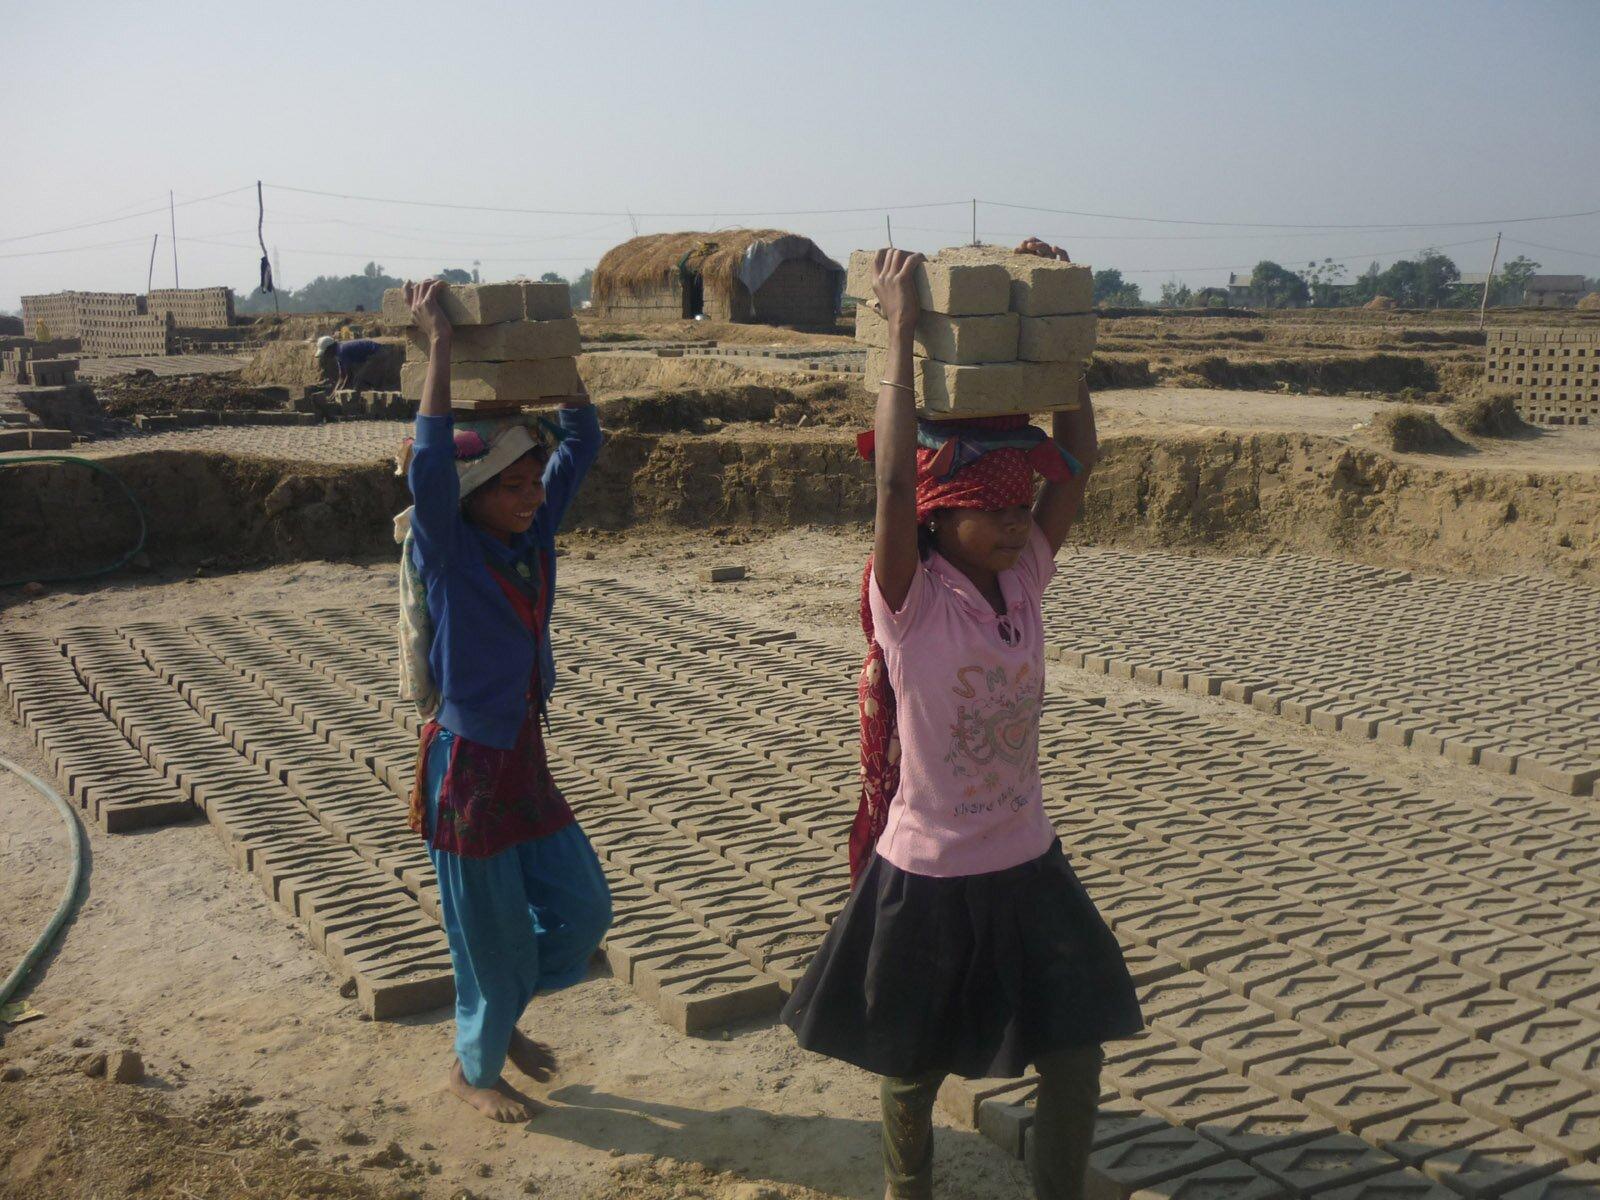 Niewolnicza praca dzieci Źródło: Krish Dulal, Niewolnicza praca dzieci, licencja: CC BY-SA 3.0.